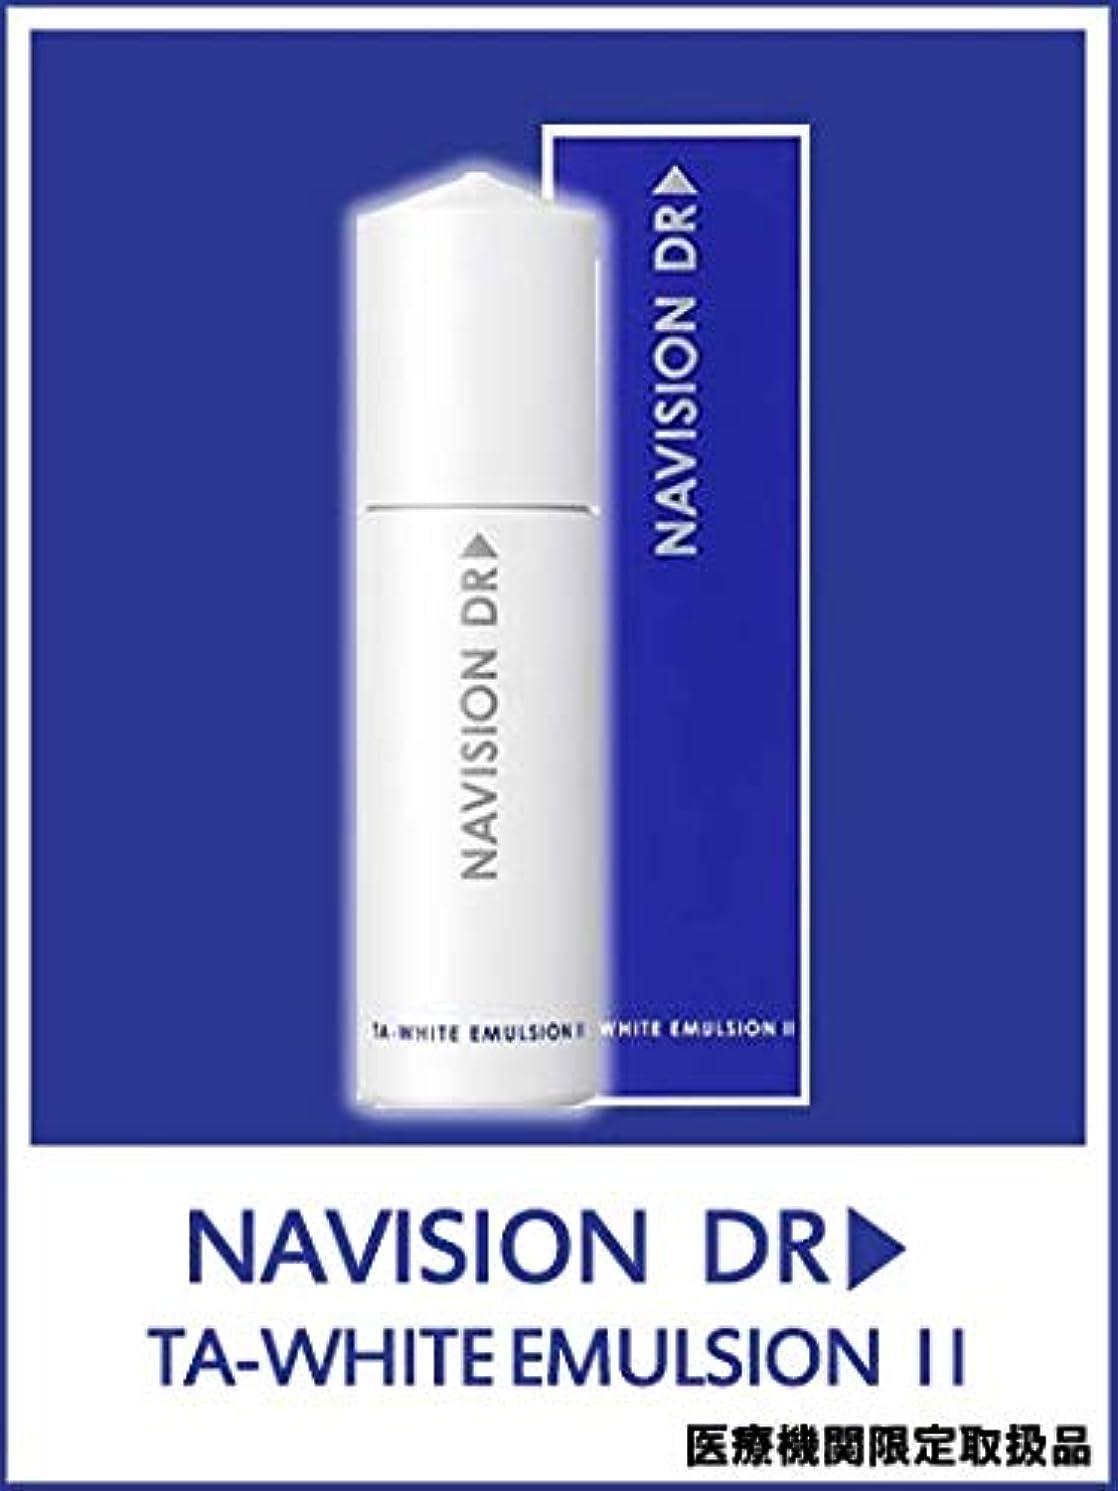 自伝カップル交換NAVISION DR? ナビジョンDR TAホワイトエマルジョンⅡnしっとりうるおうタイプ(医薬部外品) 120mL